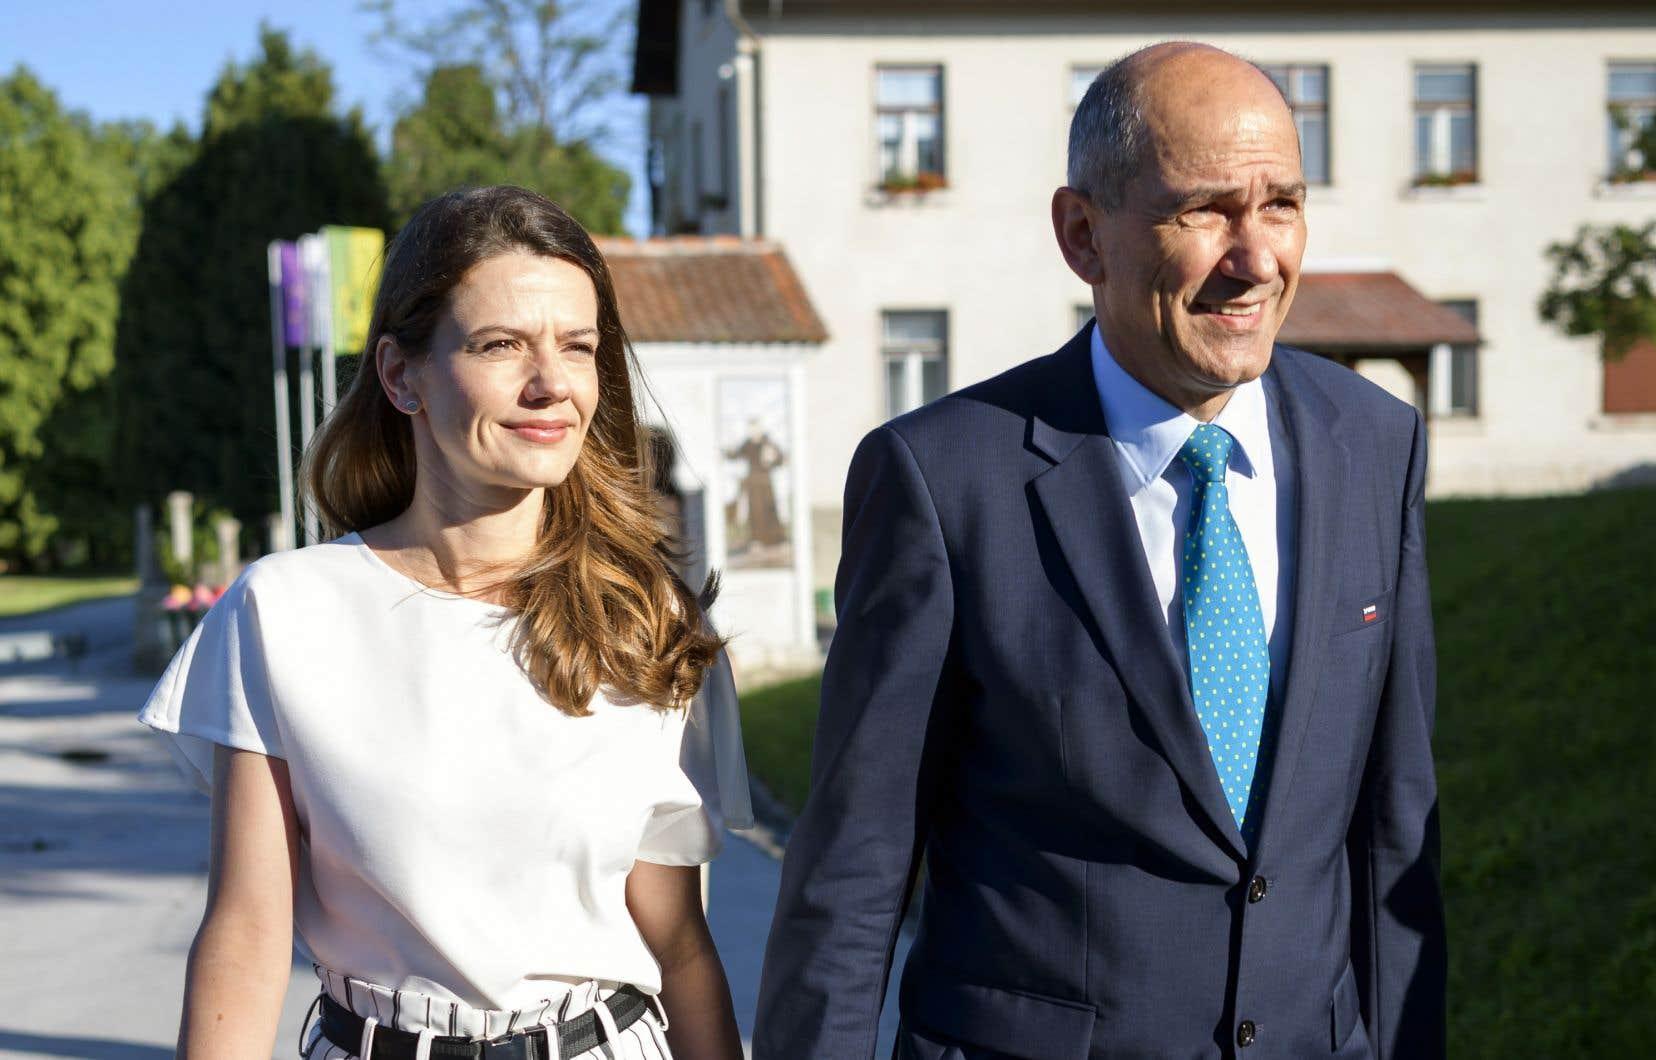 L'ancien premier ministre slovène Janez Jansa et sa femme, Urska Bacovnik, ont voté dimanche dans le petit village de Šentilj.